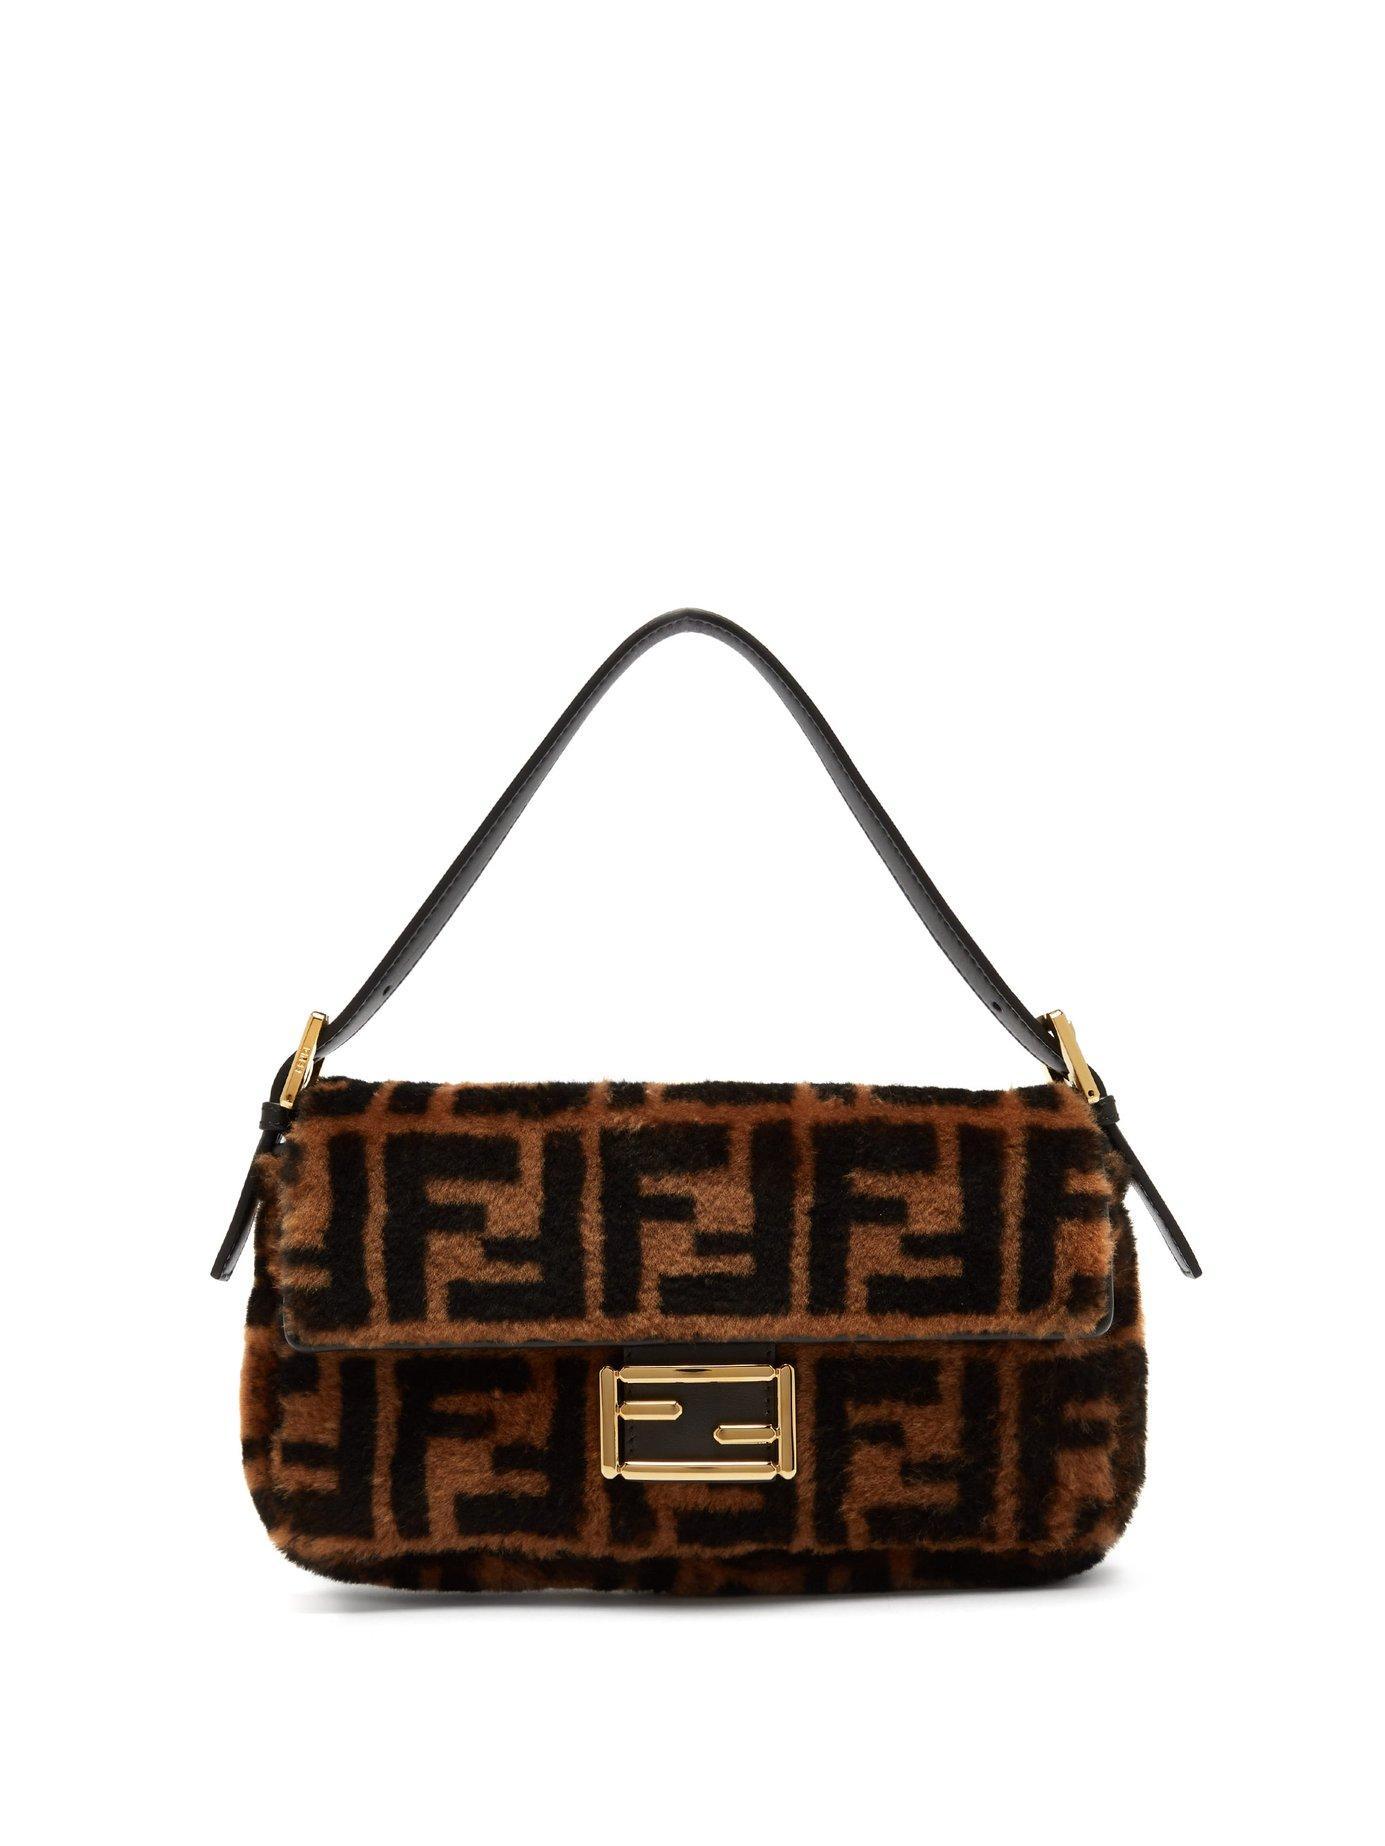 30c9f4beaf7b Fendi - Baguette Logo Print Shearling Shoulder Bag - Womens - Black Brown